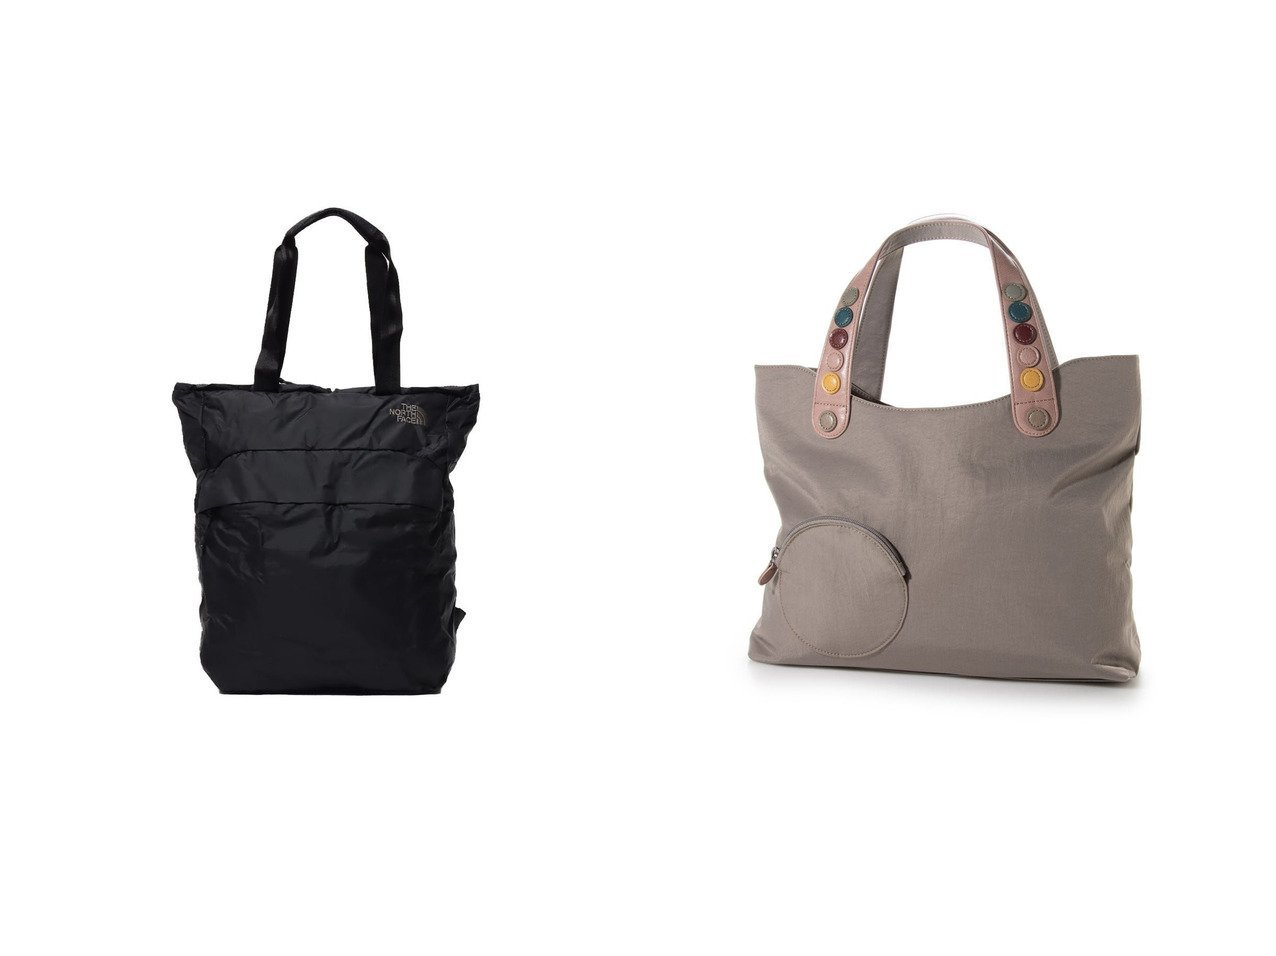 【THE NORTH FACE/ザ ノース フェイス】のGLAM TOTE&【BELLUNA/ベルーナ】のはっ水軽量A4対応配色トート バッグ・鞄のおすすめ!人気、トレンド・レディースファッションの通販 おすすめで人気の流行・トレンド、ファッションの通販商品 メンズファッション・キッズファッション・インテリア・家具・レディースファッション・服の通販 founy(ファニー) https://founy.com/ ファッション Fashion レディースファッション WOMEN バッグ Bag 春 Spring コーティング 軽量 ショルダー シリコン ストレッチ フェイス フォルム フロント ポケット メッシュ 2020年 2020 S/S 春夏 SS Spring/Summer 2020 春夏 S/S SS Spring/Summer 2020 2021年 2021 2021 春夏 S/S SS Spring/Summer 2021 財布 |ID:crp329100000015001